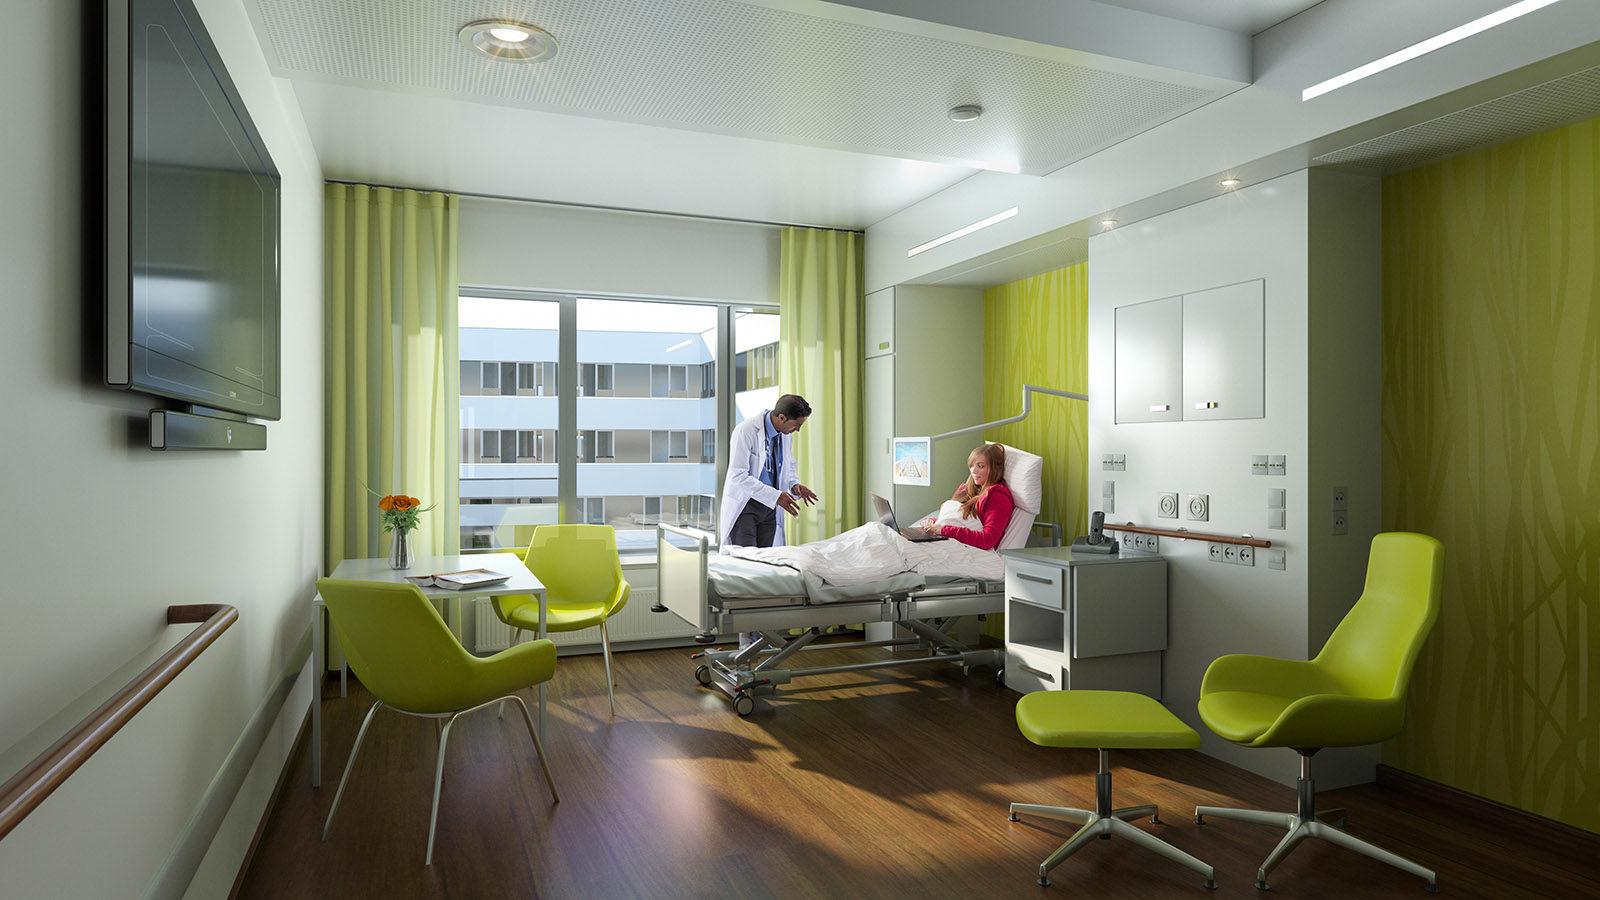 Krankenhaus Bettenzimmer - Architekturvisualisierung Innenraum